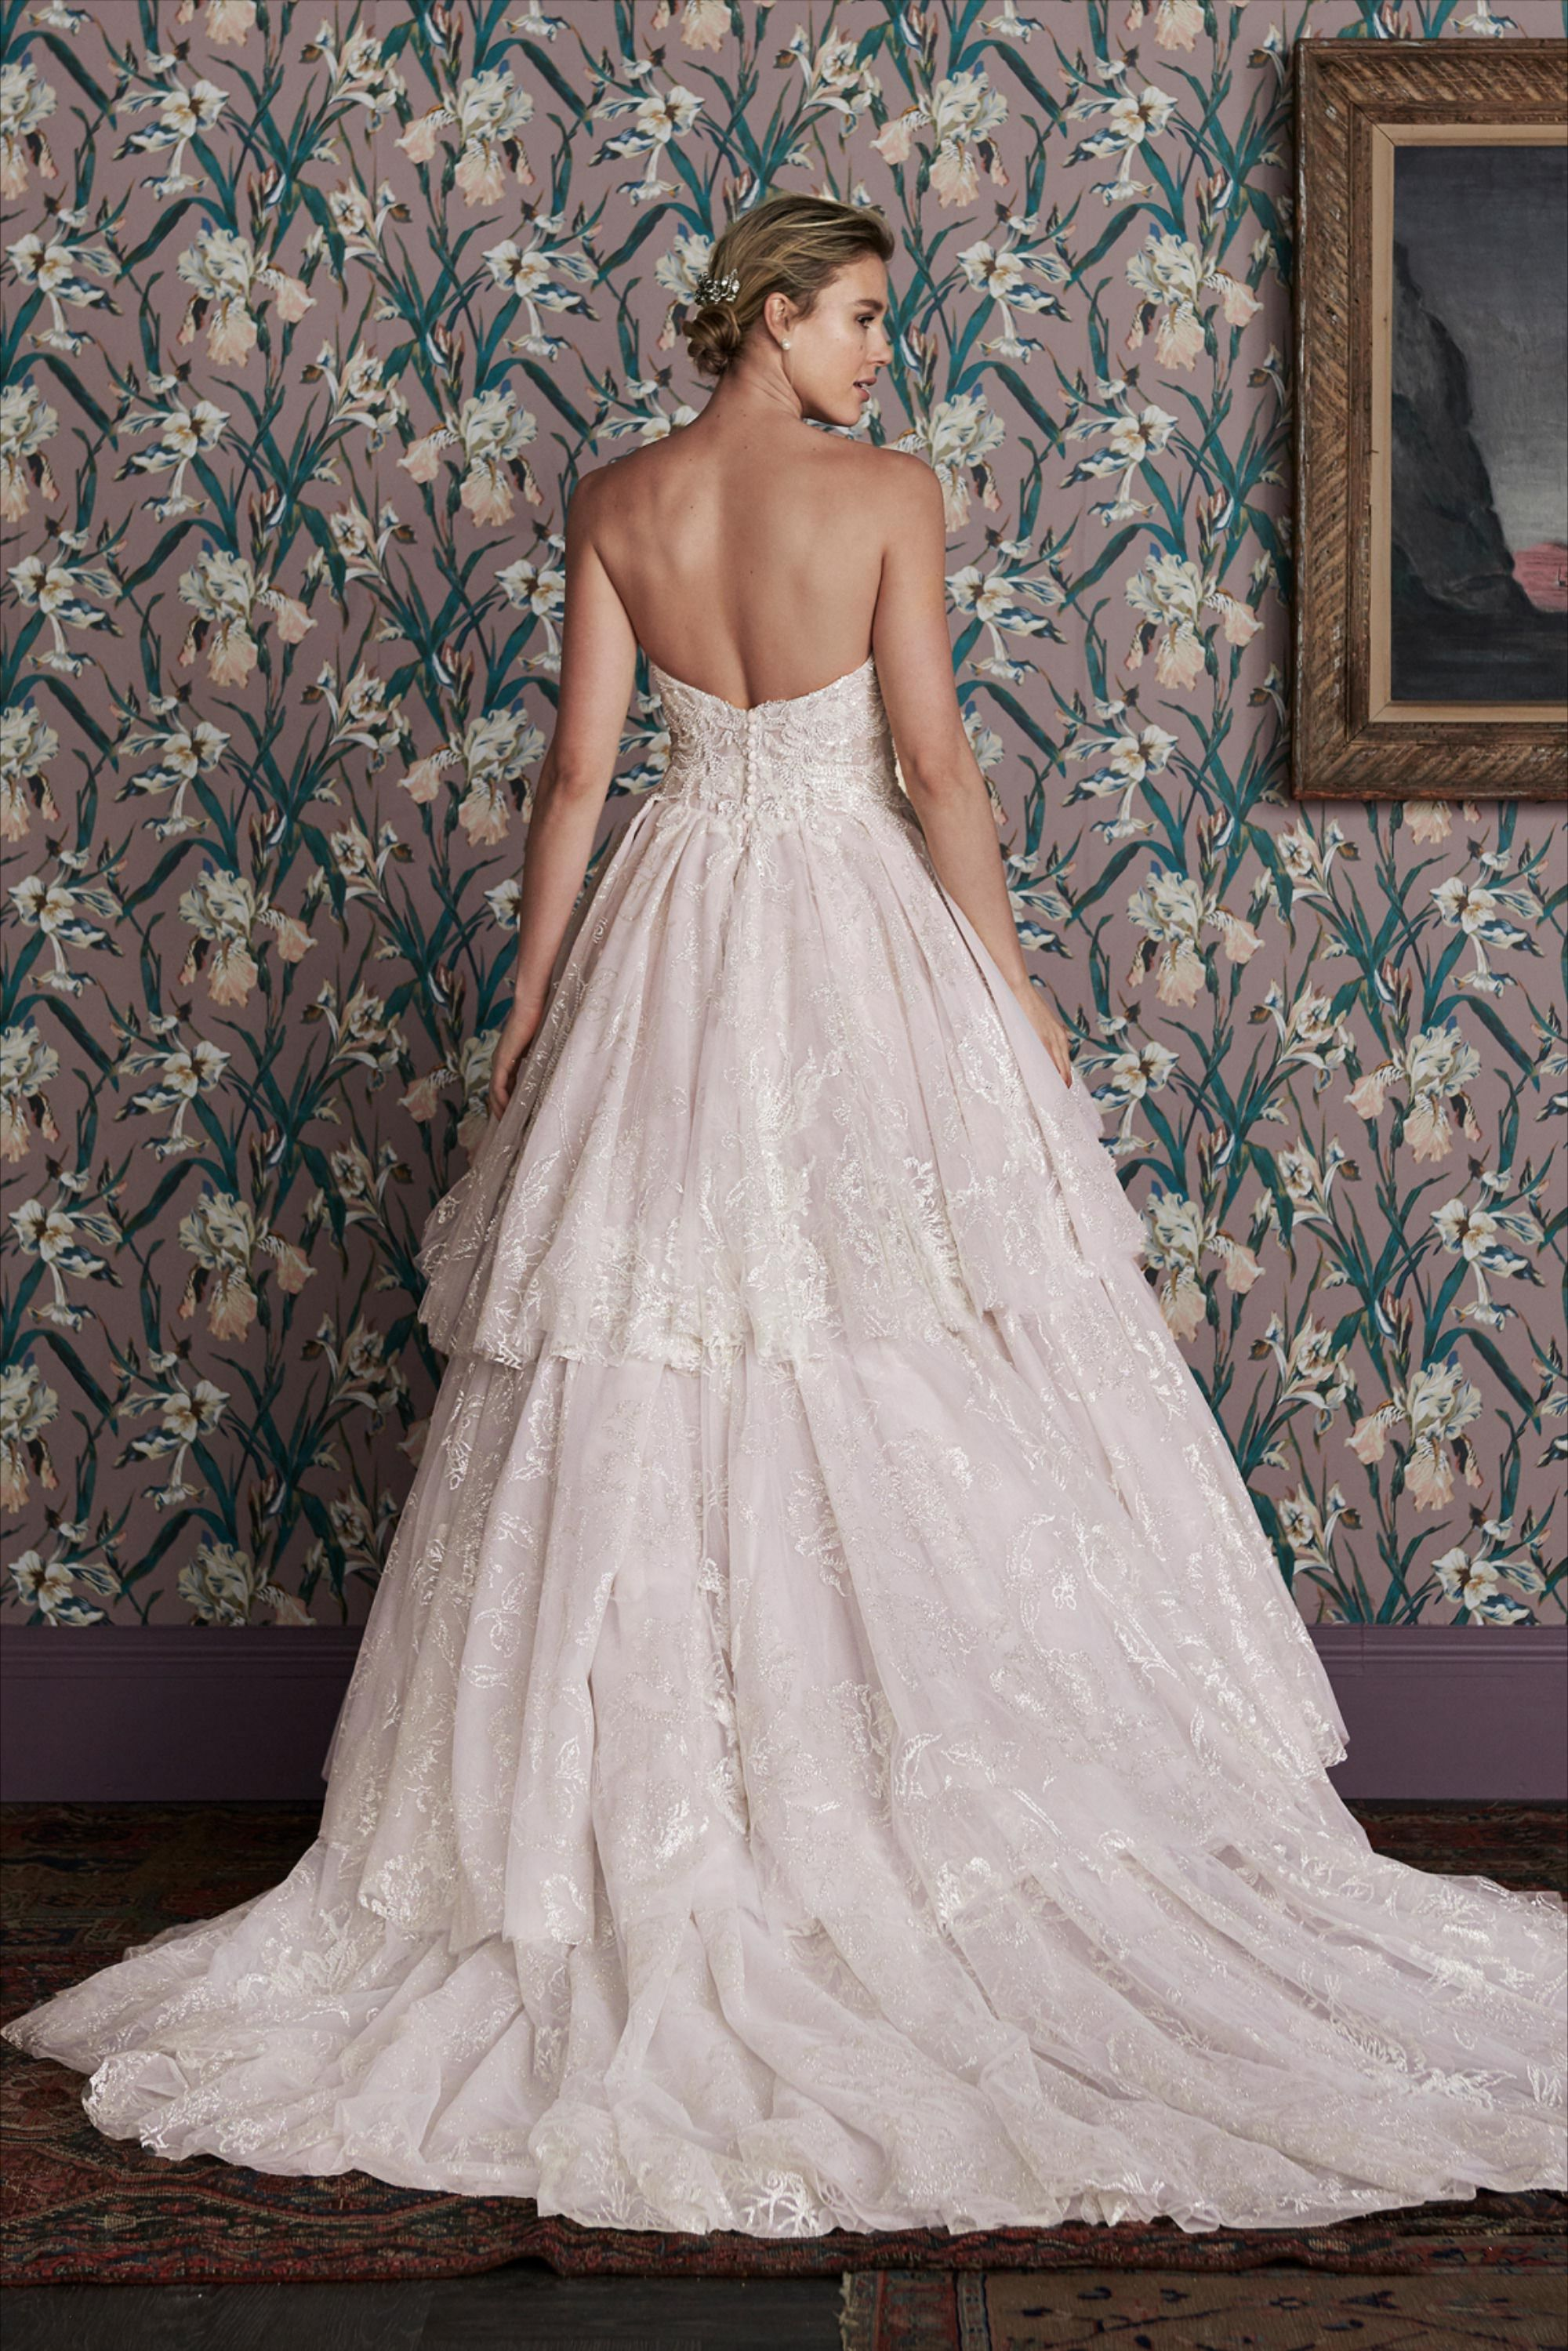 42+ Fucked in wedding dress ideas